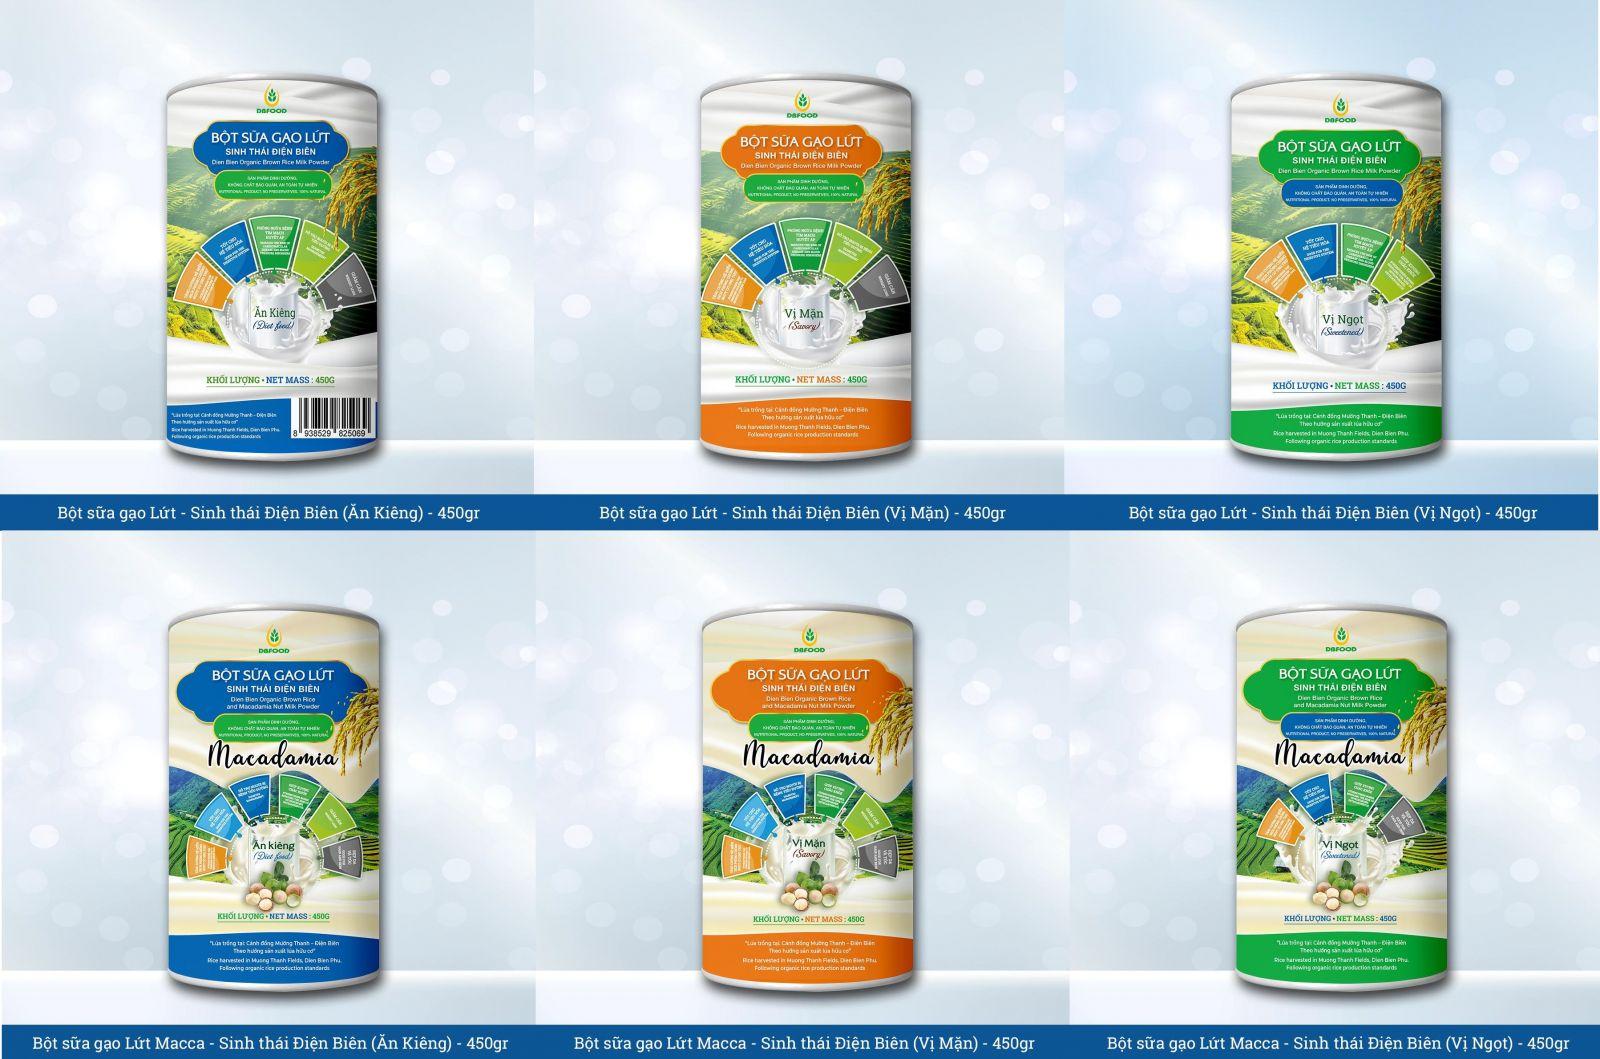 DBFOOD - Tự hào thương hiệu nông sản Việt chất lượng cao